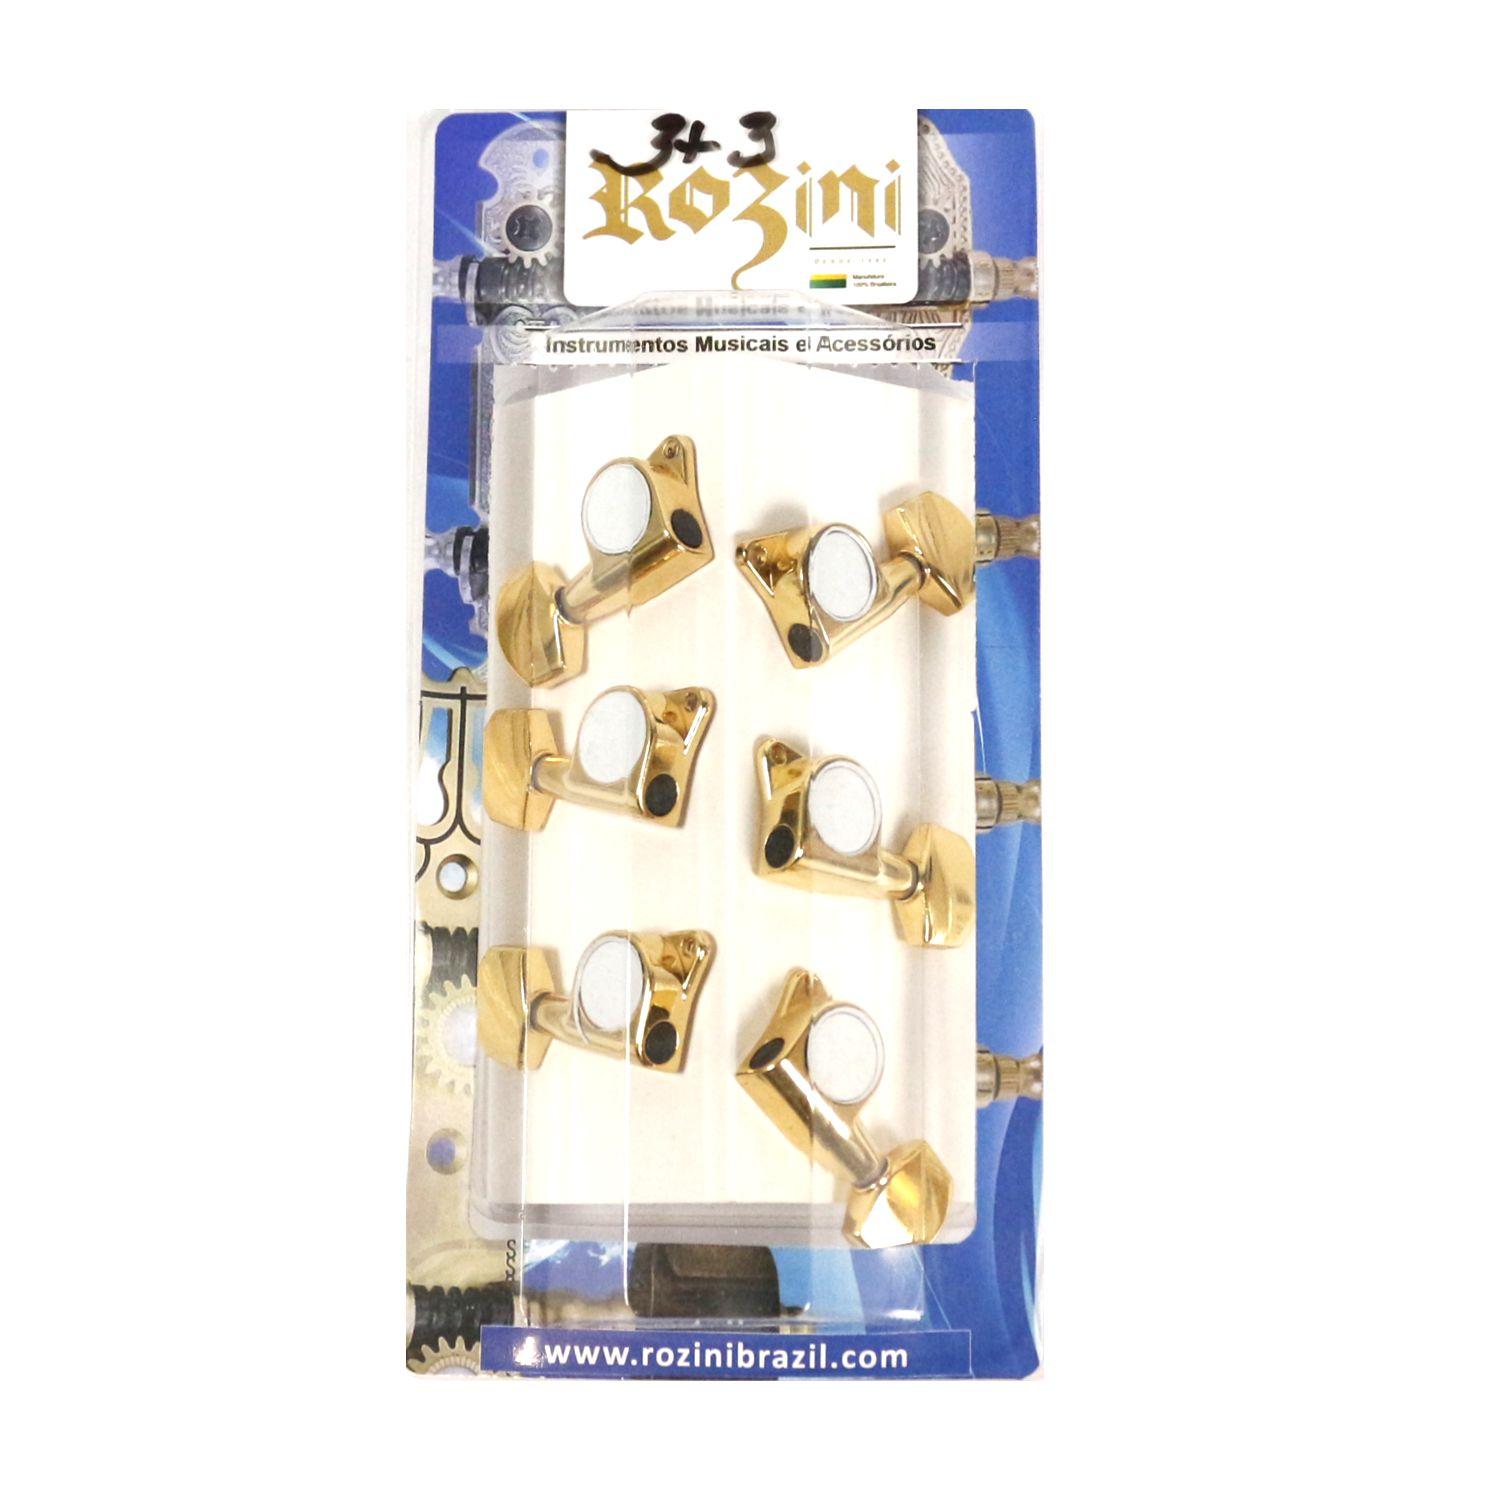 Jogo de Tarraxas Violão AÇO Pino FOLK 3+3 Blindada Dourado - Rozini RA333G-D2